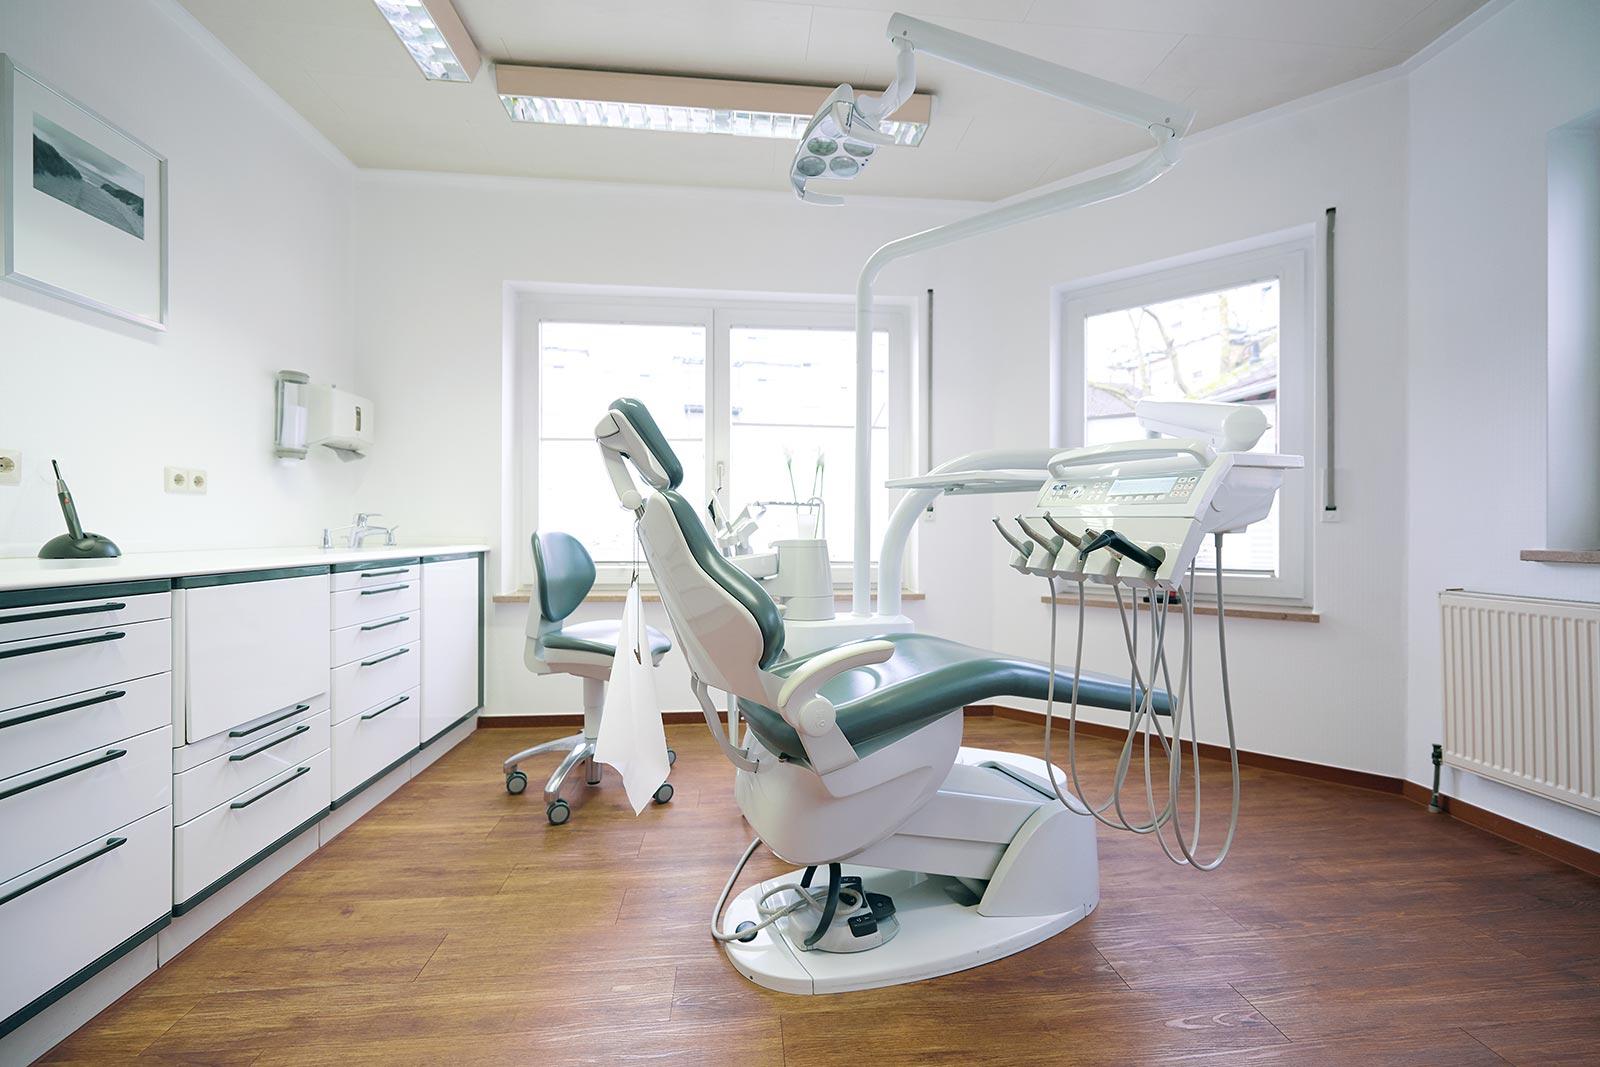 Der zahnärztliche Behandlungsraum 1